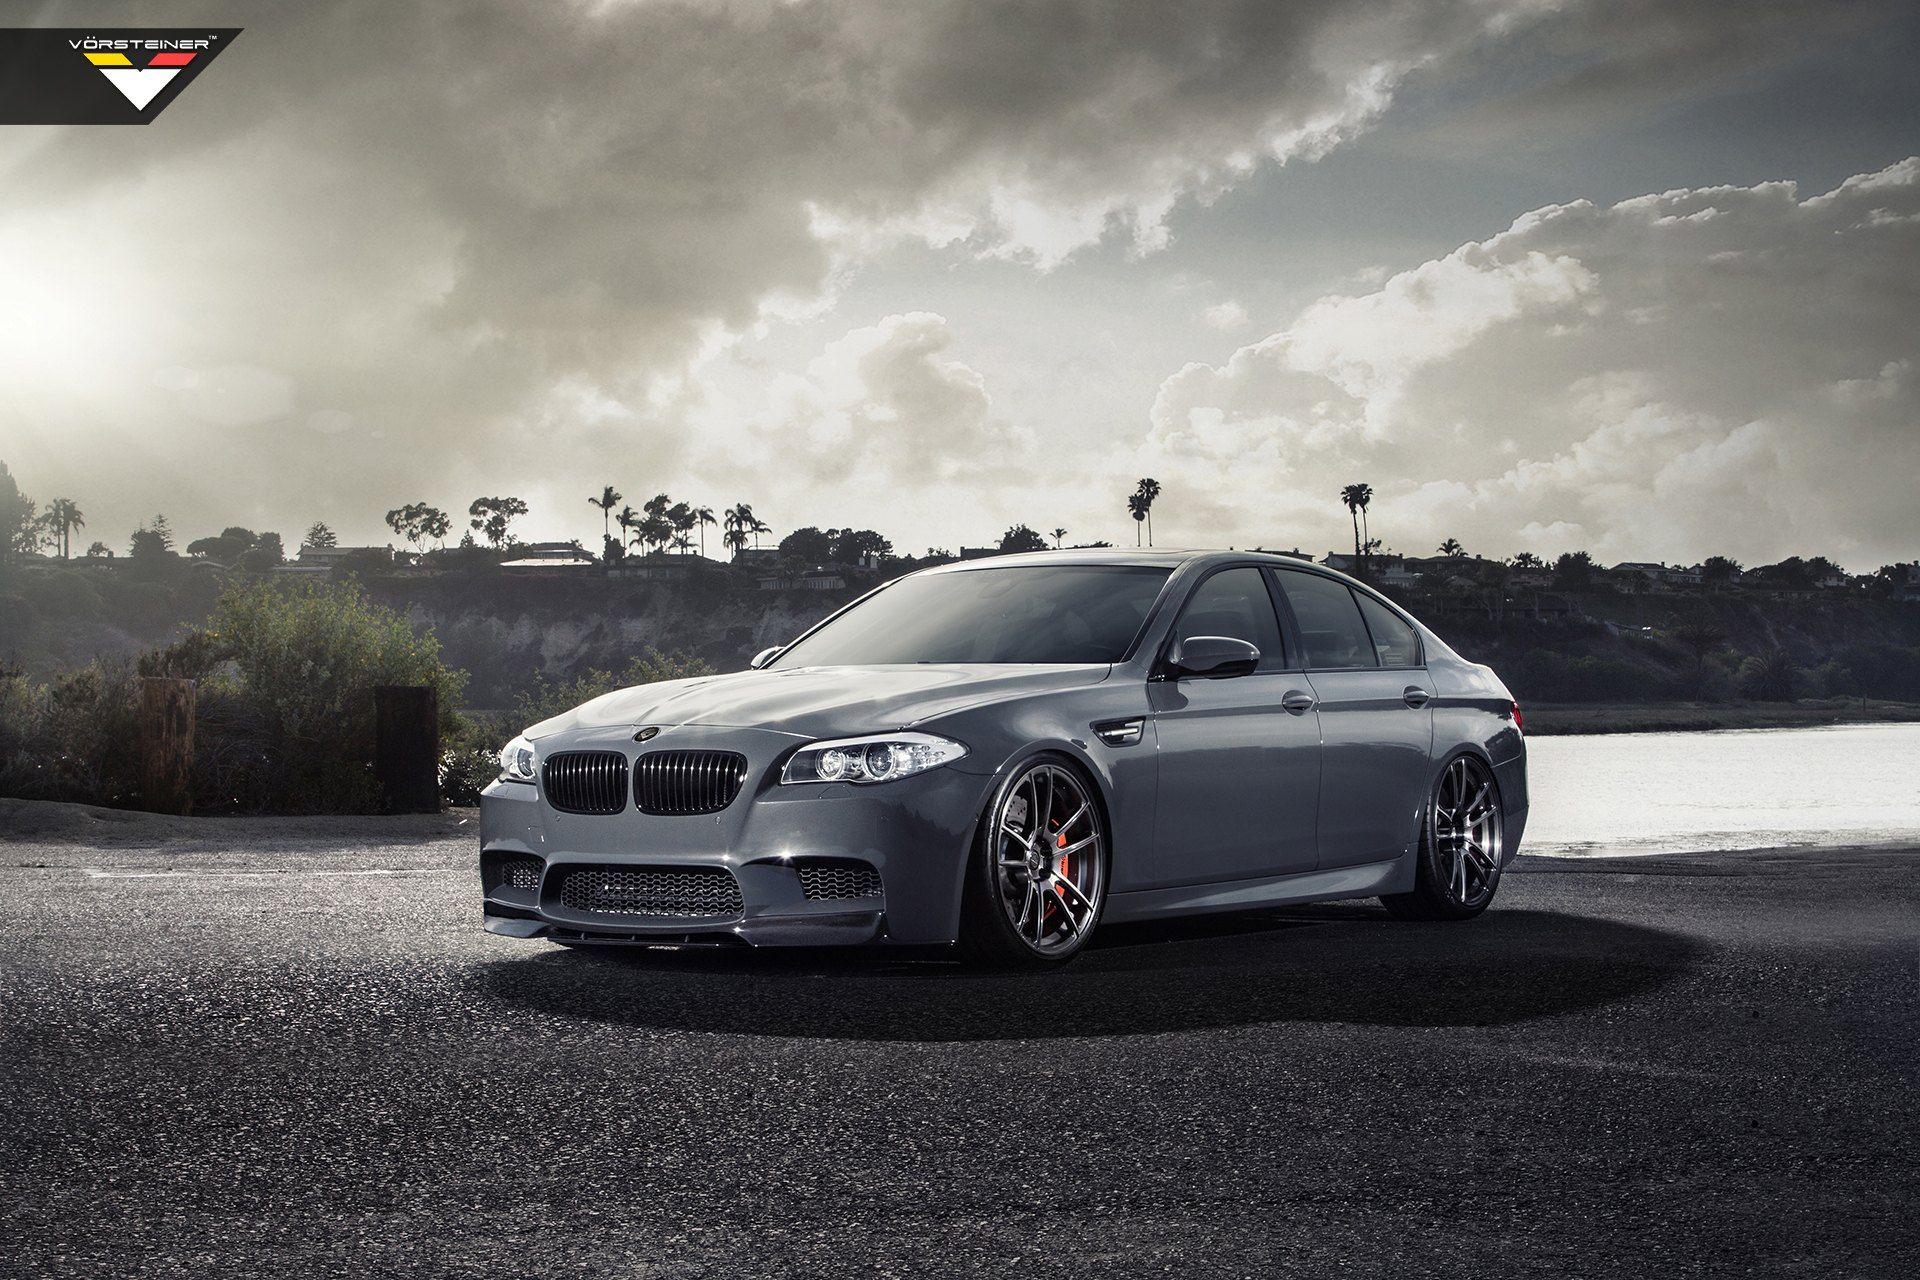 Vorsteiner Reimagines Stylish Gray BMW 5 Series Bmw M5 F10 Wallpaper Free Download